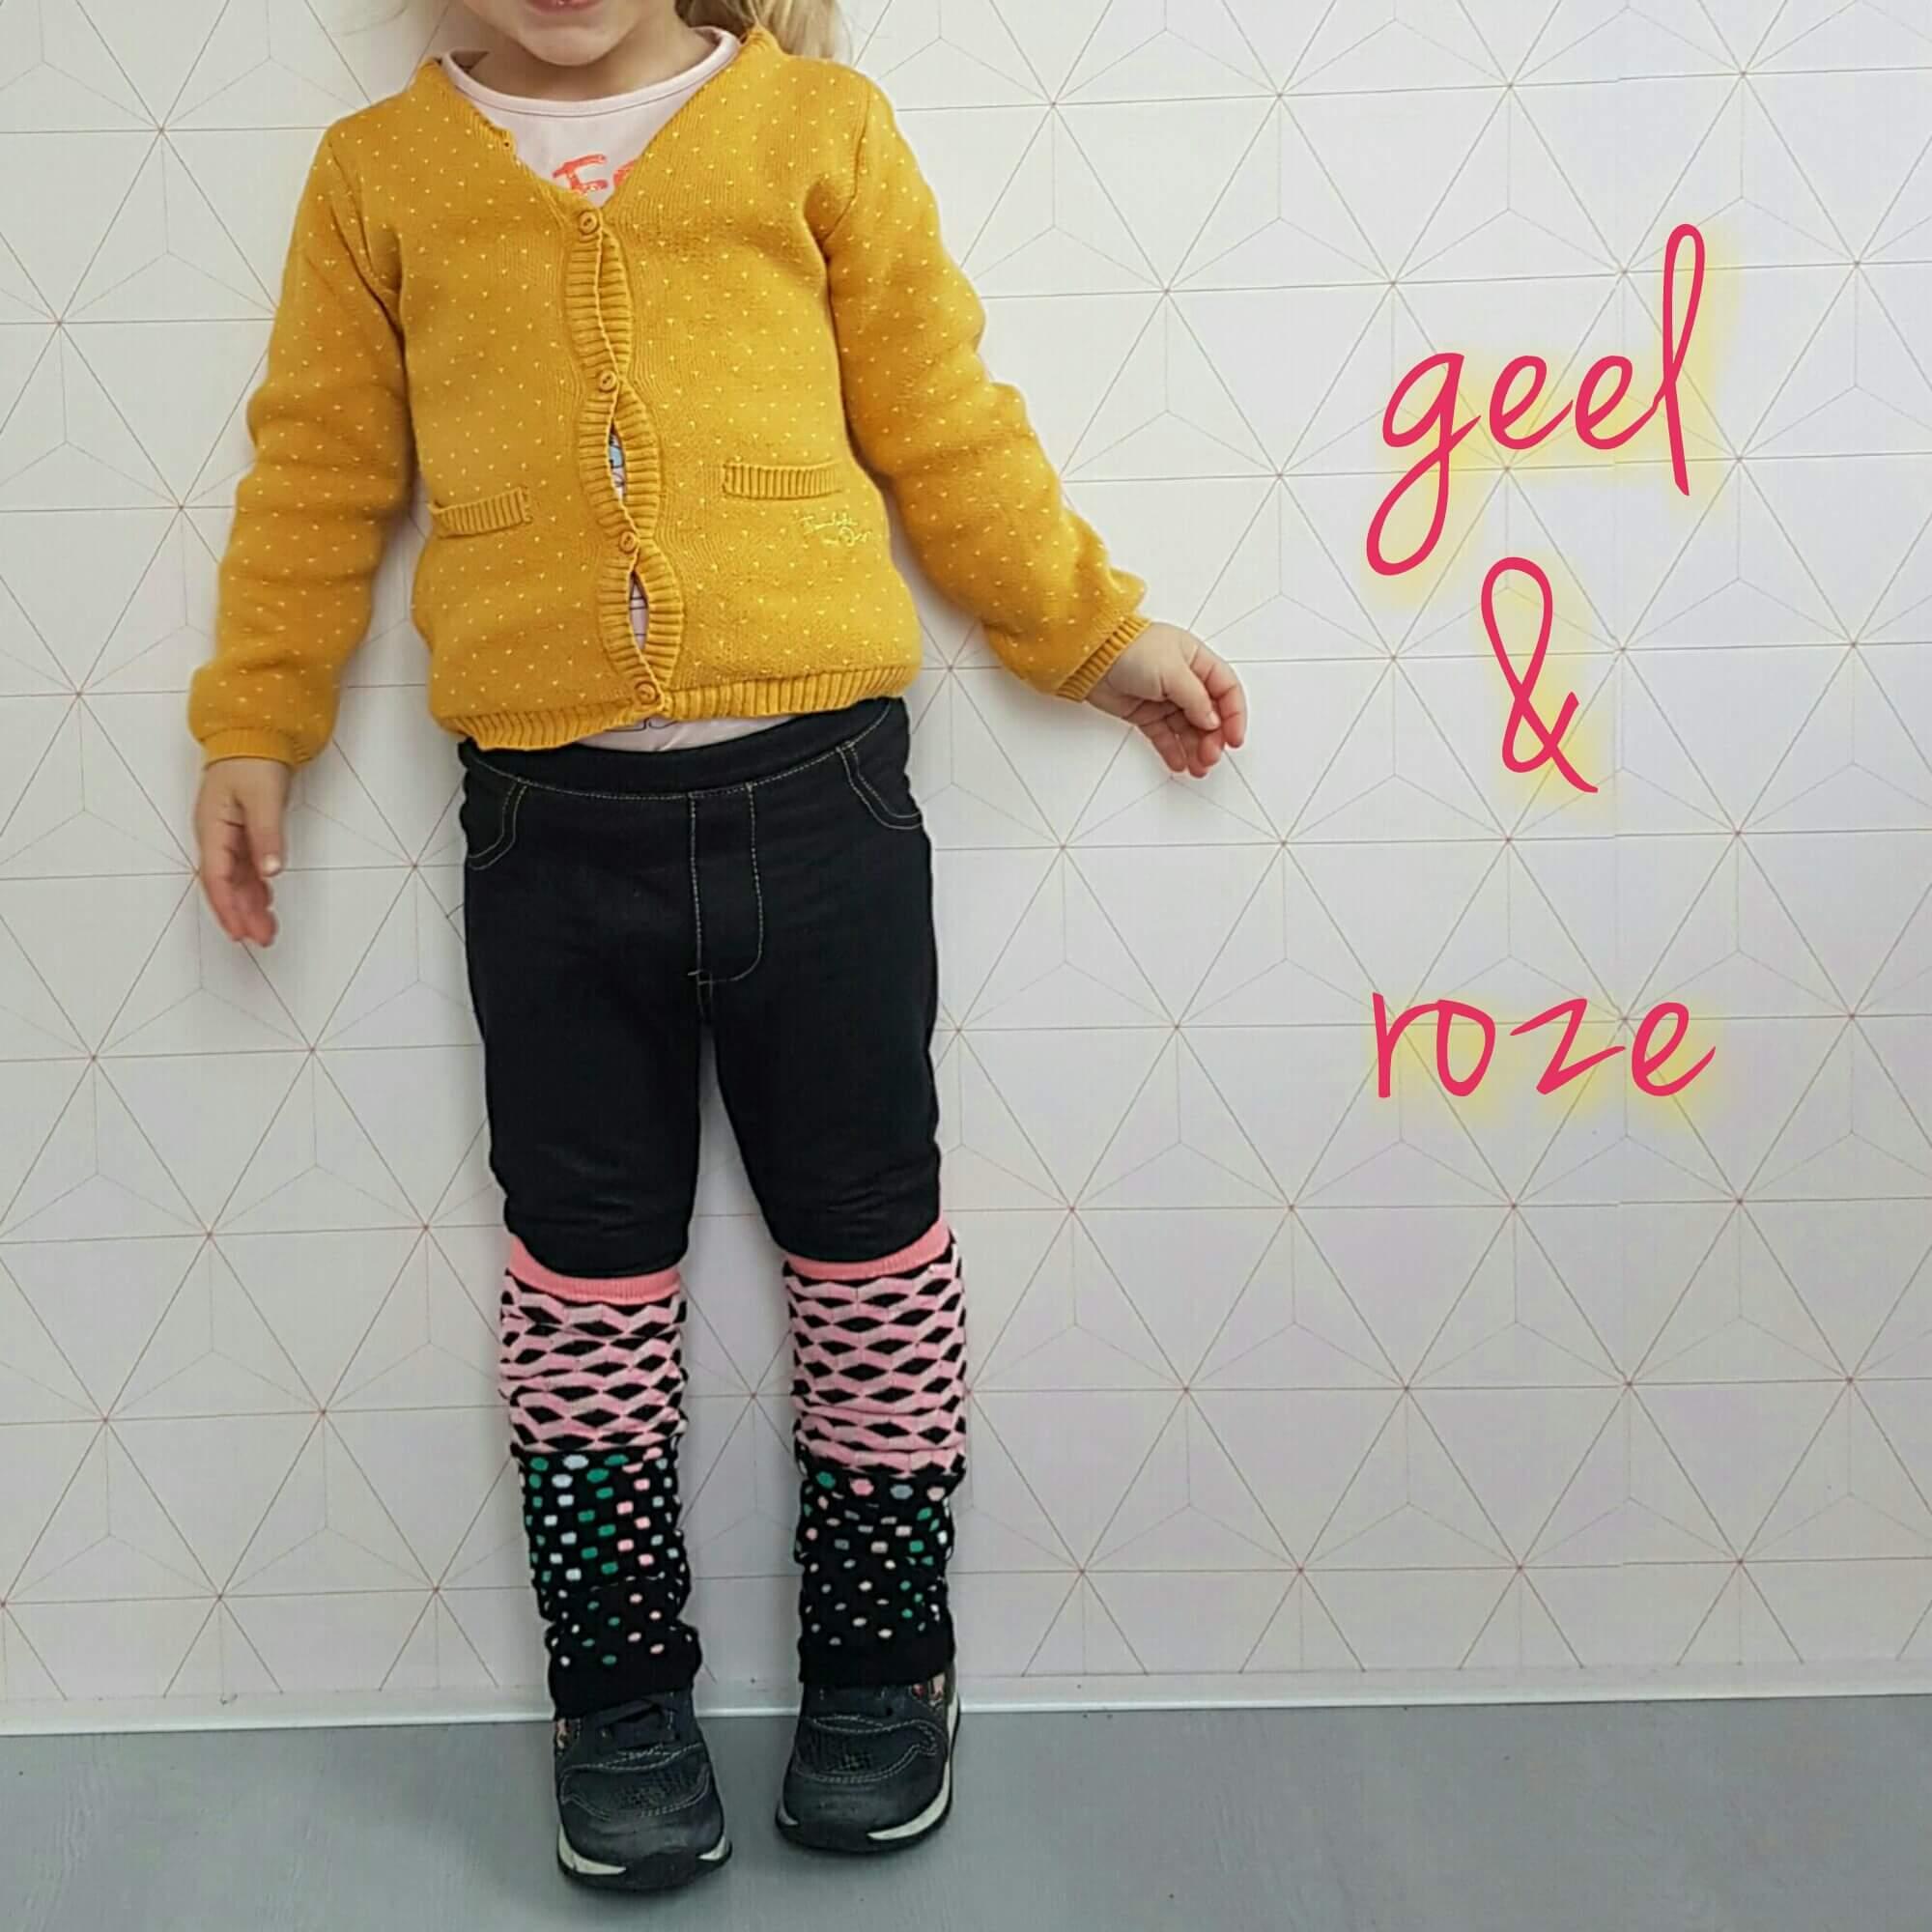 De Leukste Kinderkleding.Kinderkleding Trends De Leukste Kleuren Combinaties Voor Meisjes